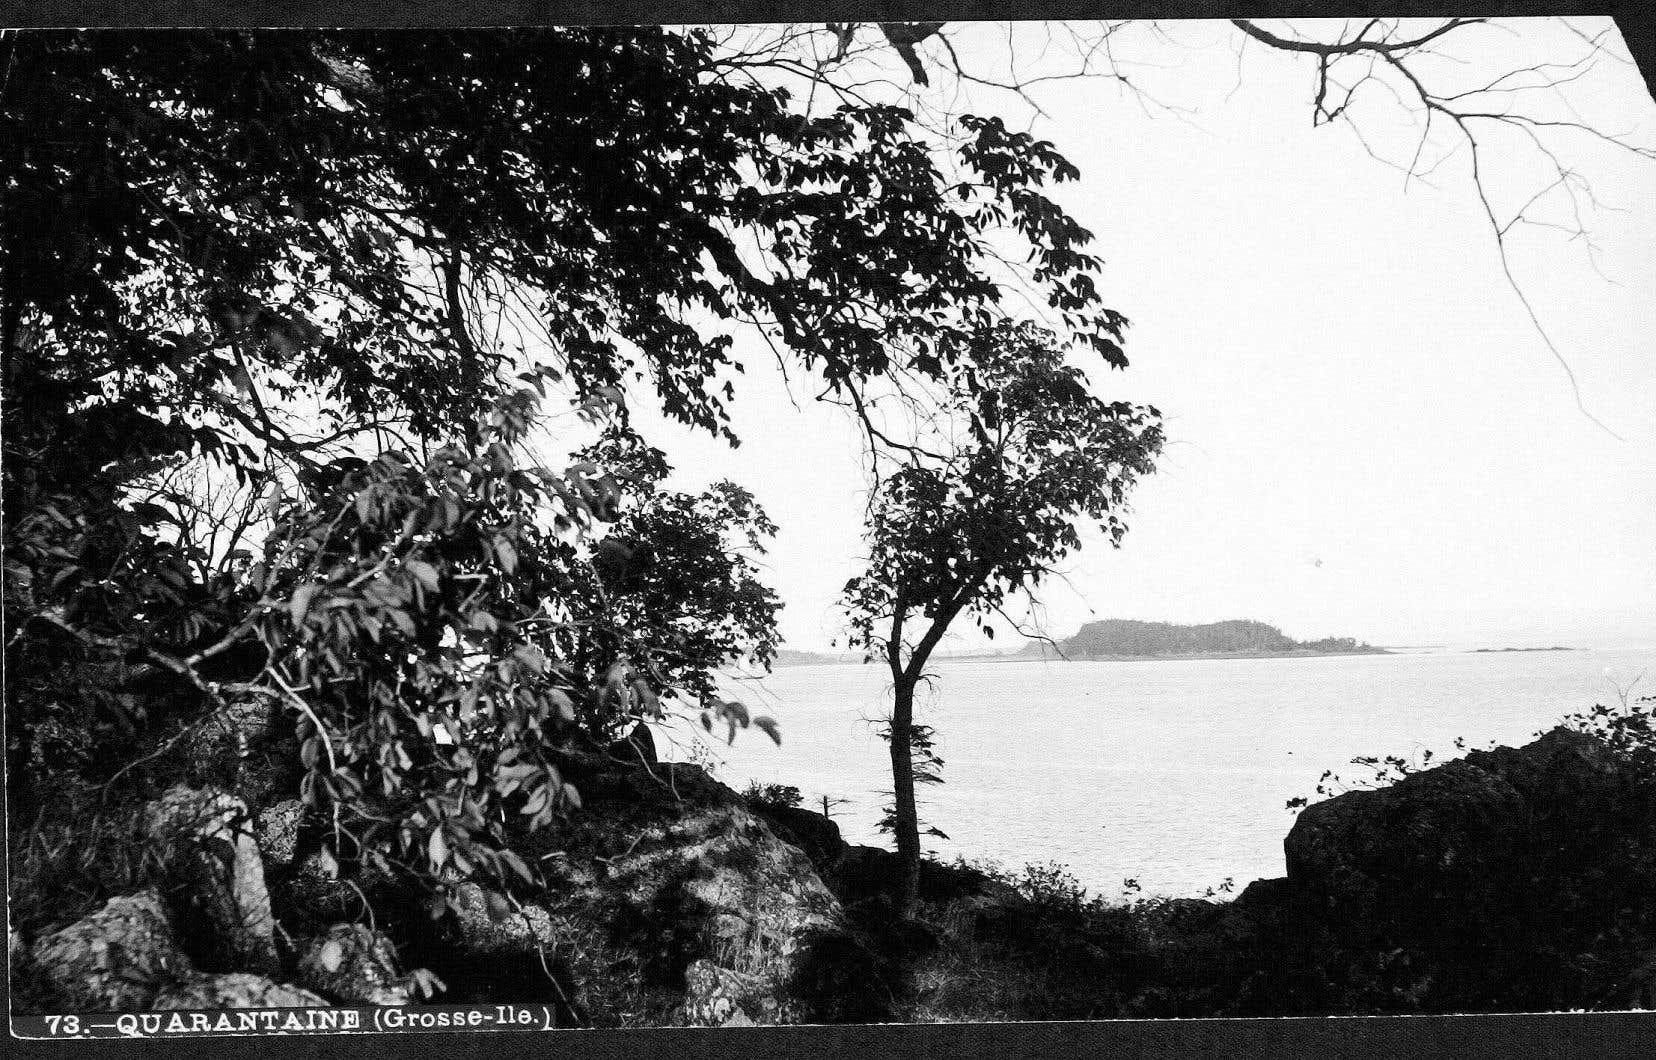 À partir des années 1860, alors que le gouvernement prend le relais de l'armée, jusqu'après la Première Guerre mondiale, Grosse-Île a été la principale zone de quarantaine pour l'immigration au Canada.